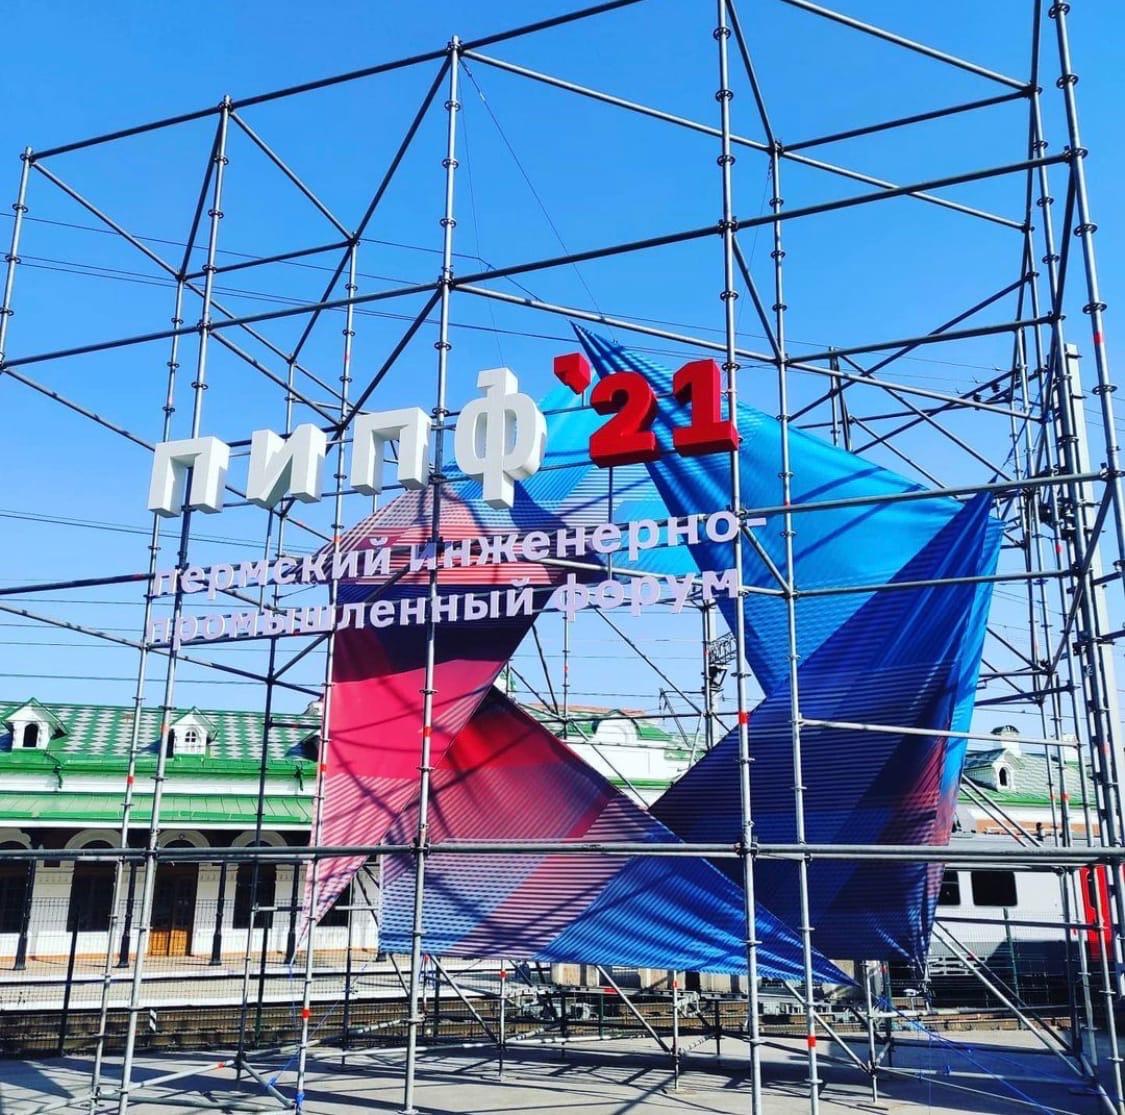 Пермский инженерно-промышленный форум планируют сделать международным